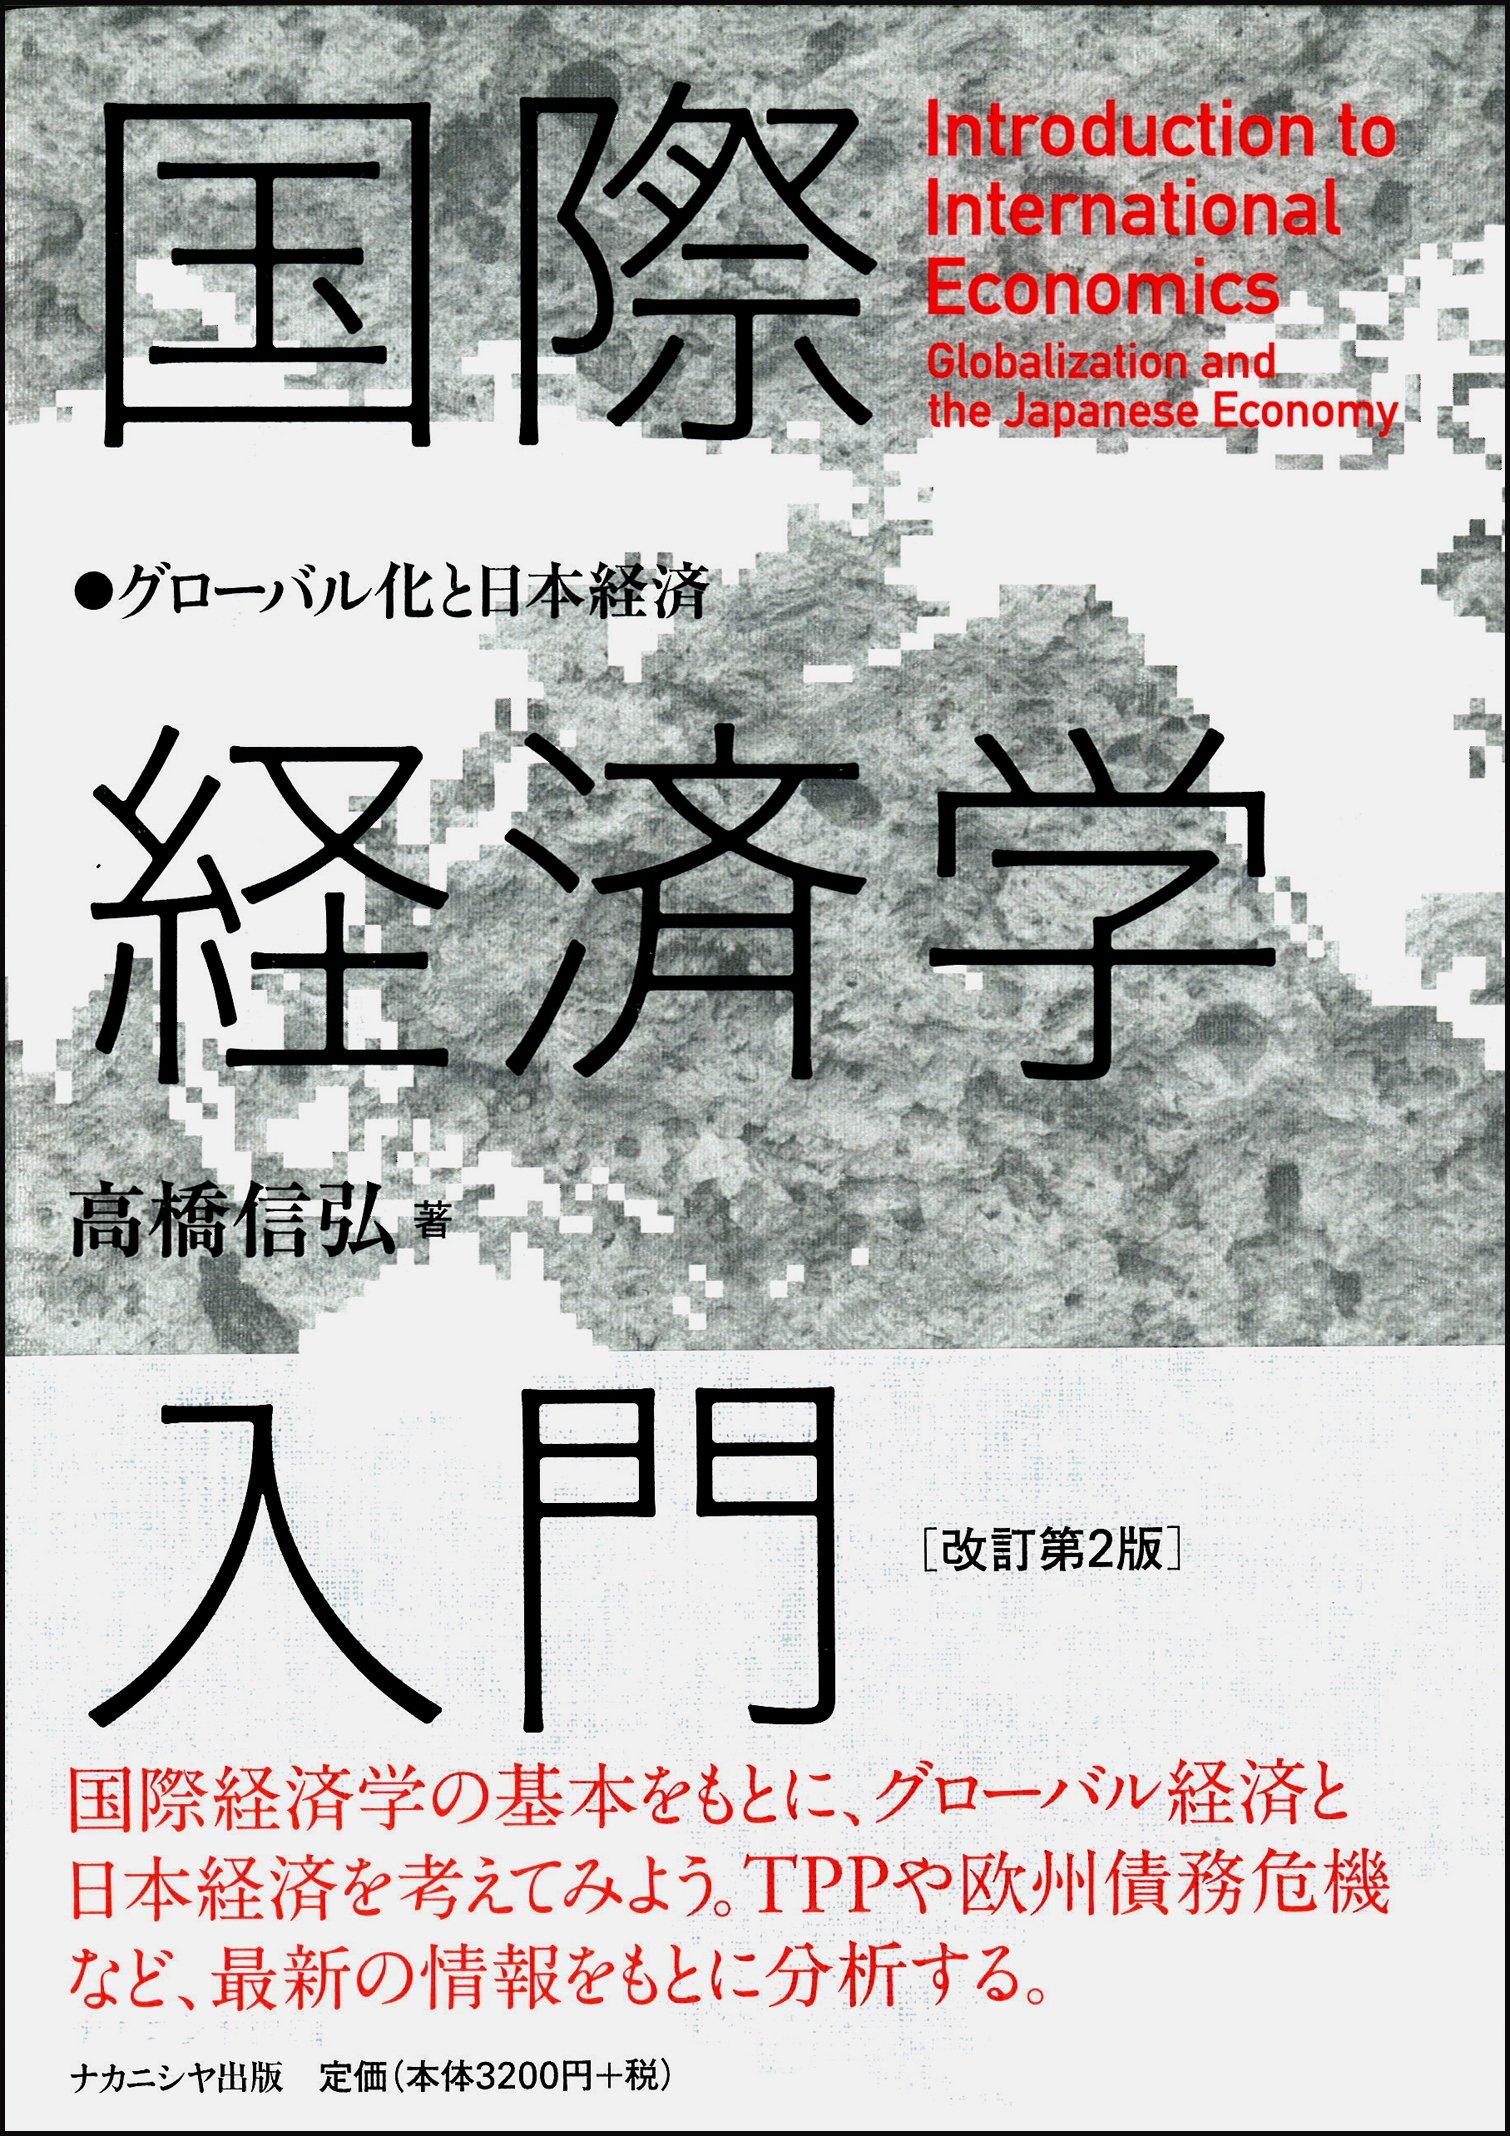 高橋信弘(大阪市立大学)著 『国際経済学入門 -グローバル化と日本経済- 改訂第2版』